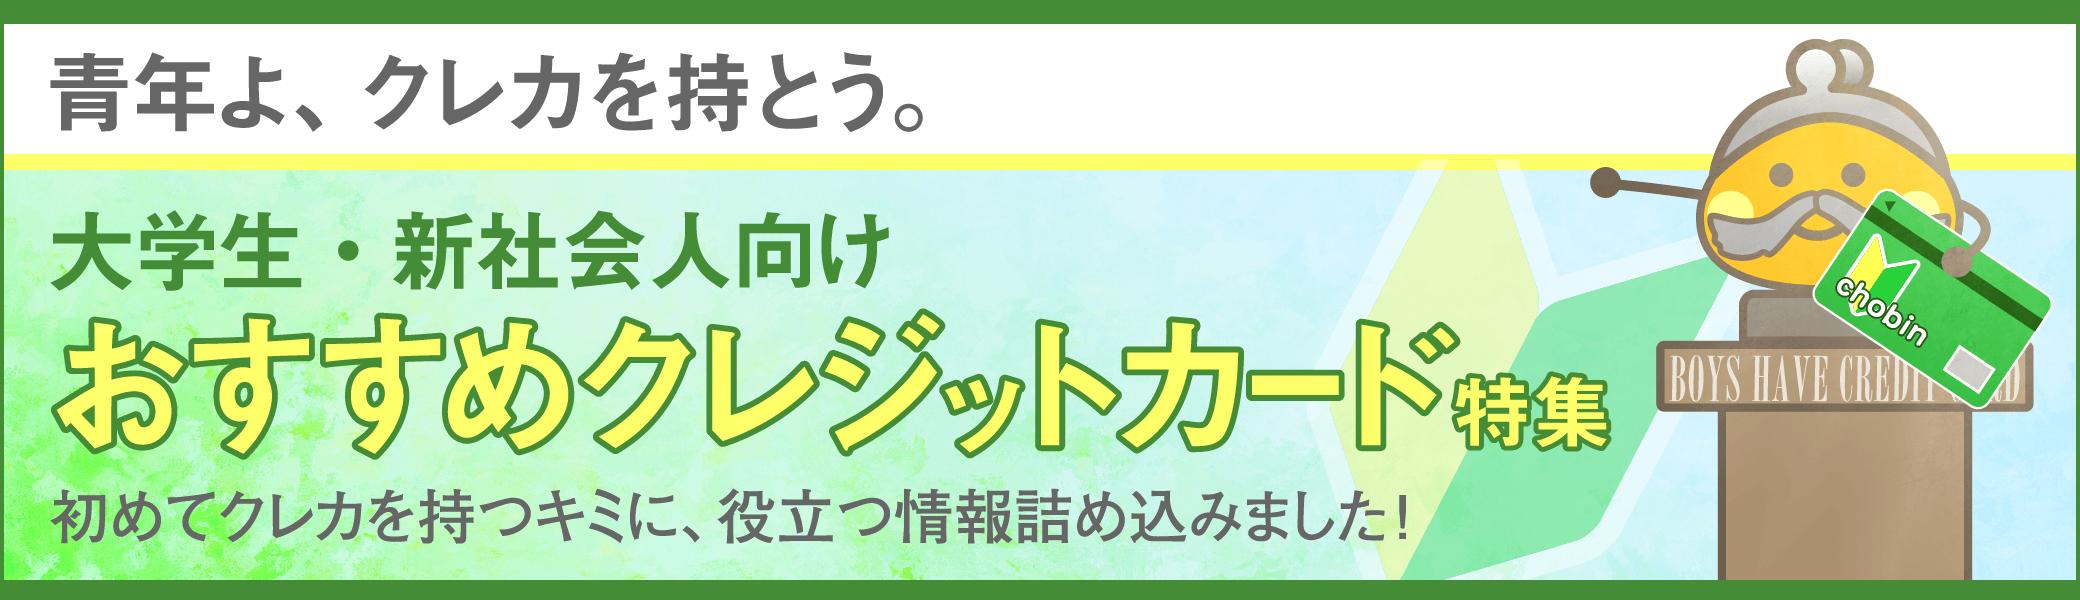 大学生・新社会人向けクレジットカード特集